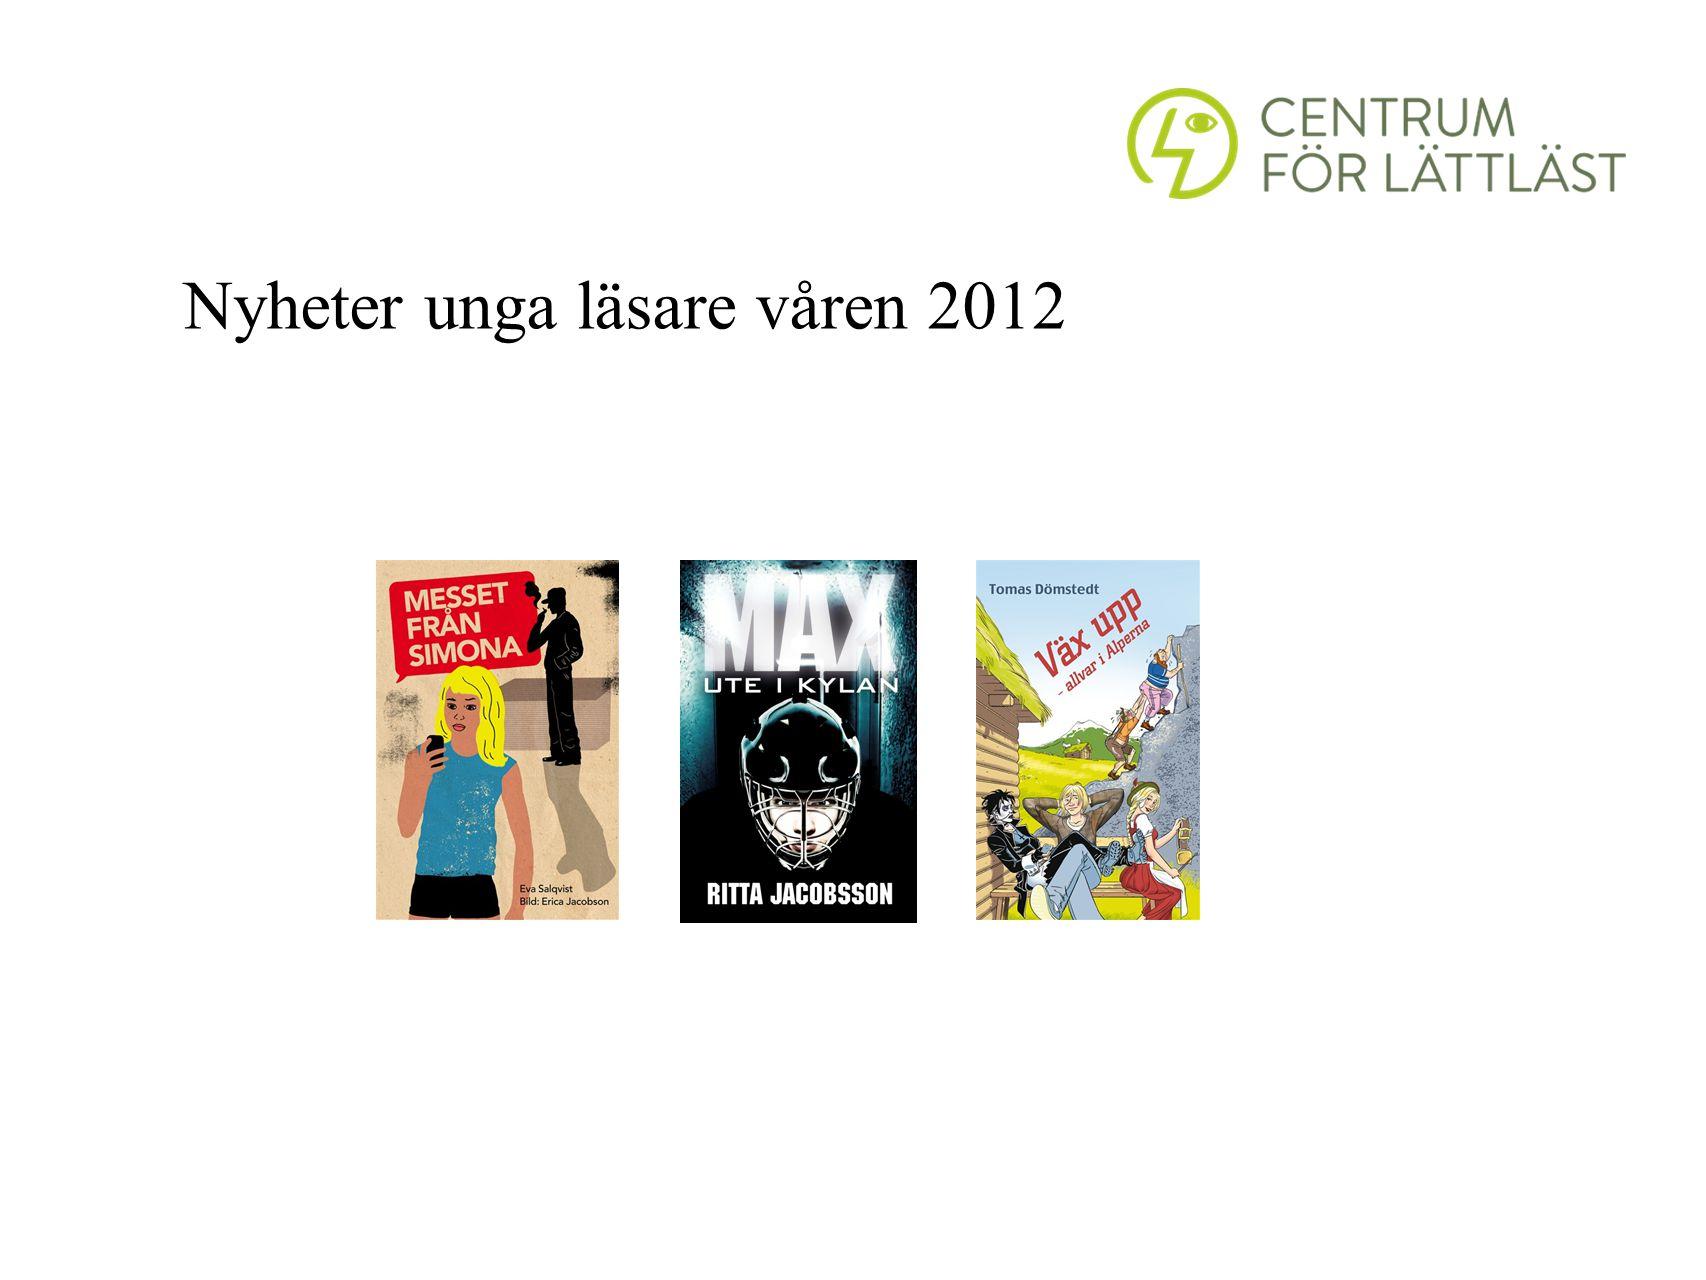 Nyheter unga läsare våren 2012